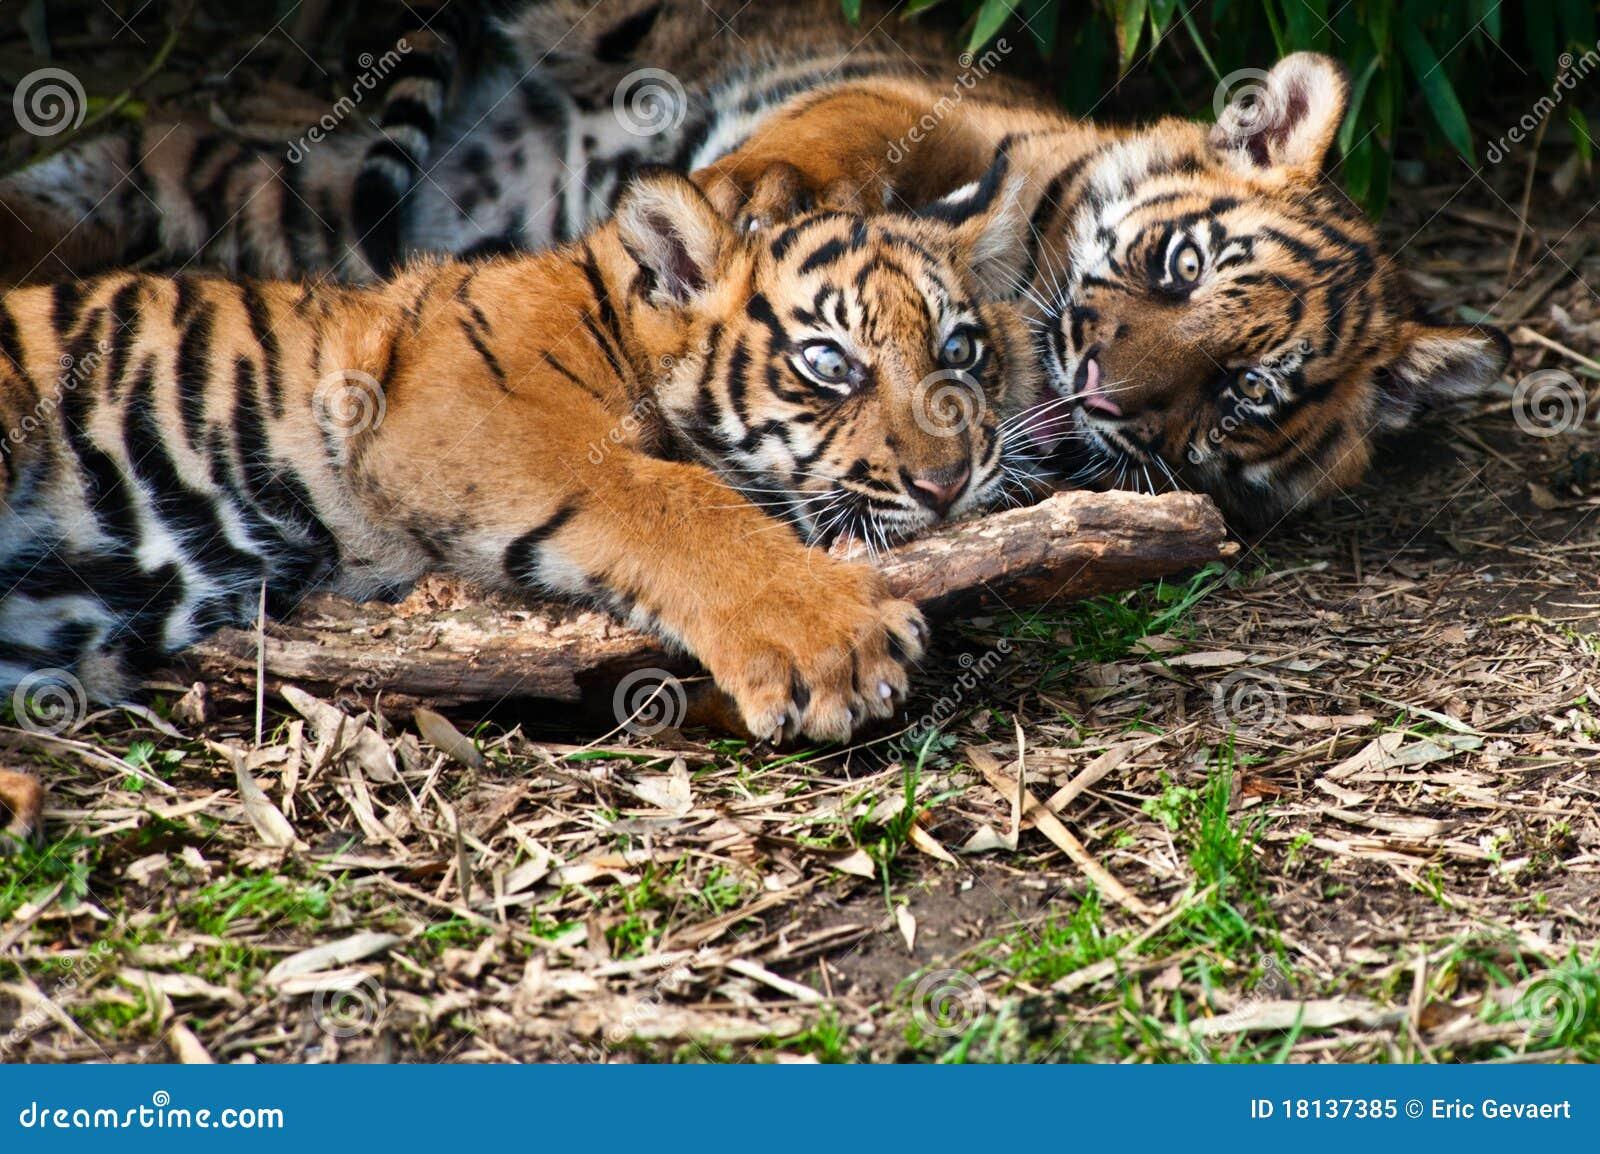 Two Cute Sumatran Tiger Cubs Playing Stock Image Image